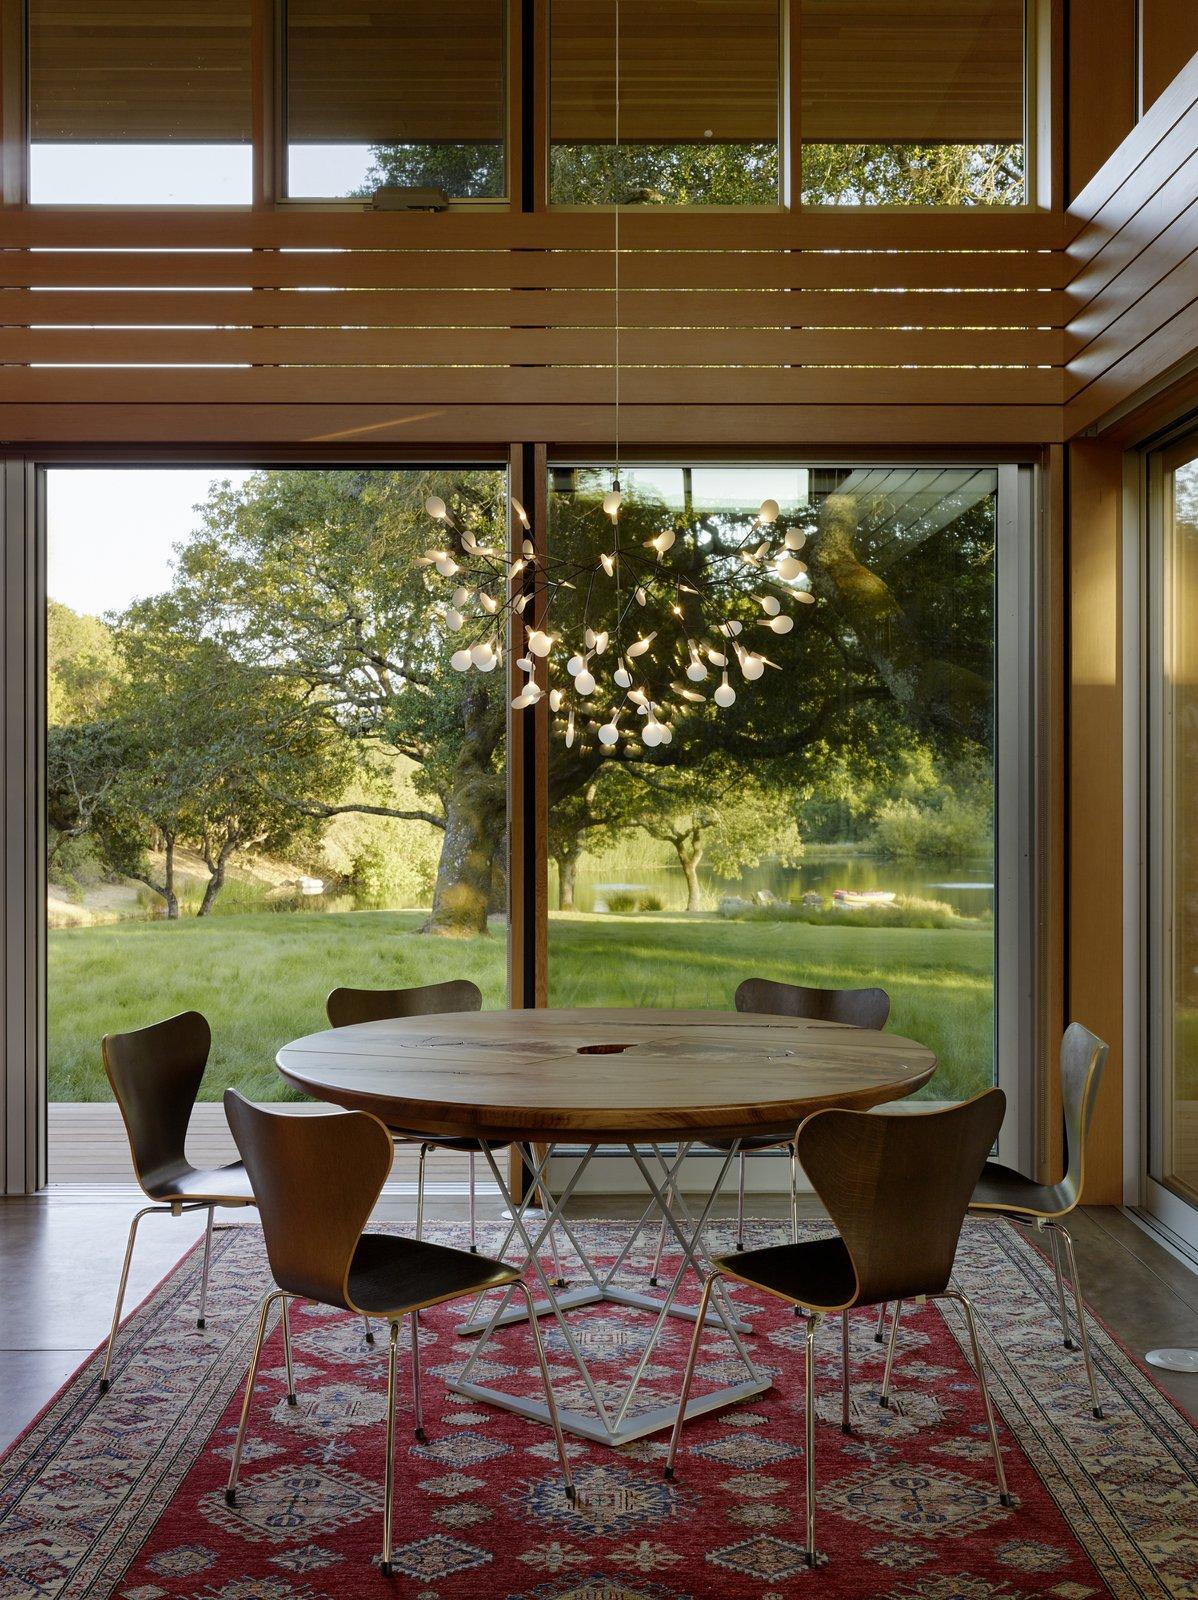 #TurnbullGriffinHaesloop #interior #diningroom #window  Sonoma Residence by Turnbull Griffin Haesloop Architects